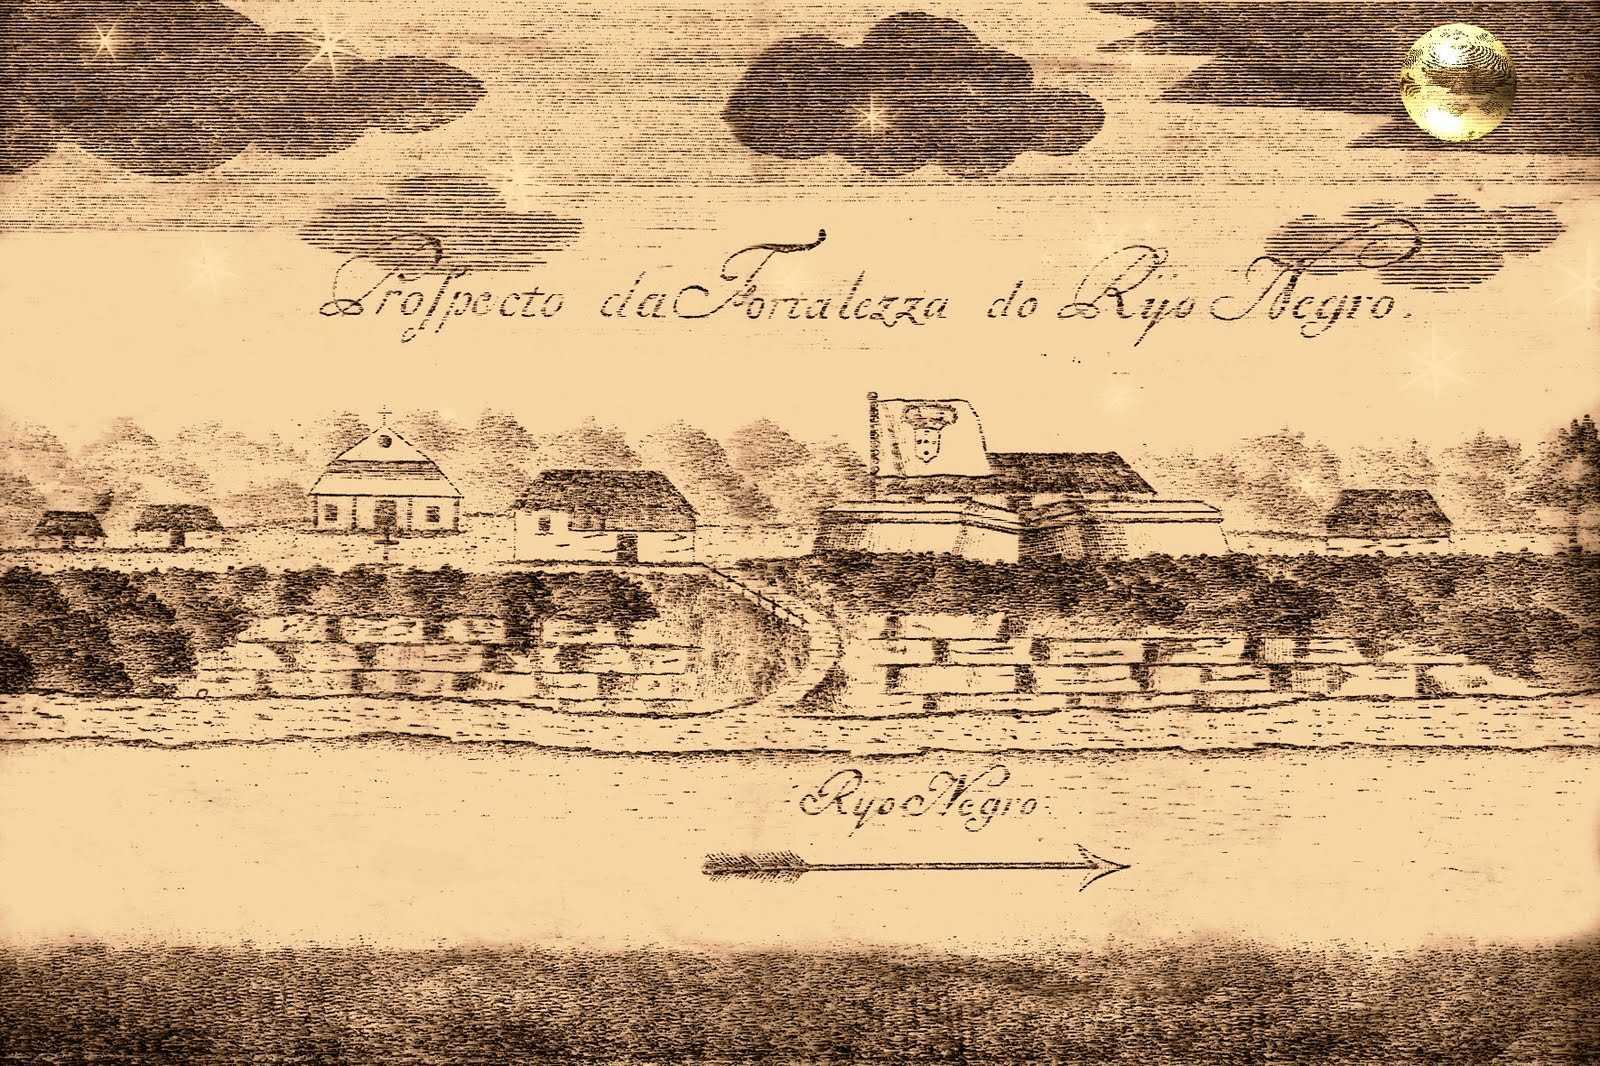 Este é um prospecto (vista de frente) e, constitui-se no único registro visual conhecido, data de 7 de Dezembro de 1754, feito pelo engenheiro alemão João André Schwebel, quando por aqui passou, fazendo parte da comitiva do governador e capitão-general Francisco Xavier de Mendonça Furtado, vindos de Belém em direção a Mariuá (Barcelos) - o local foi onde teve inicio a cidade Manaus, mostra o forte e algumas casas de palha ao seu redor, além de uma pequena igreja; com a seta da flexa para a direita (descida das águas) indicando que a cidade fica na margem esquerda do Rio Negro -, segundo os historiadores, ele recebeu várias denominações, foi chamado de Forte de São José da Barra do Rio Negro, Fortim de São José, Forte do Rio Negro, Fortaleza de São José do Rio Negro e Fortaleza do Rio Negro.